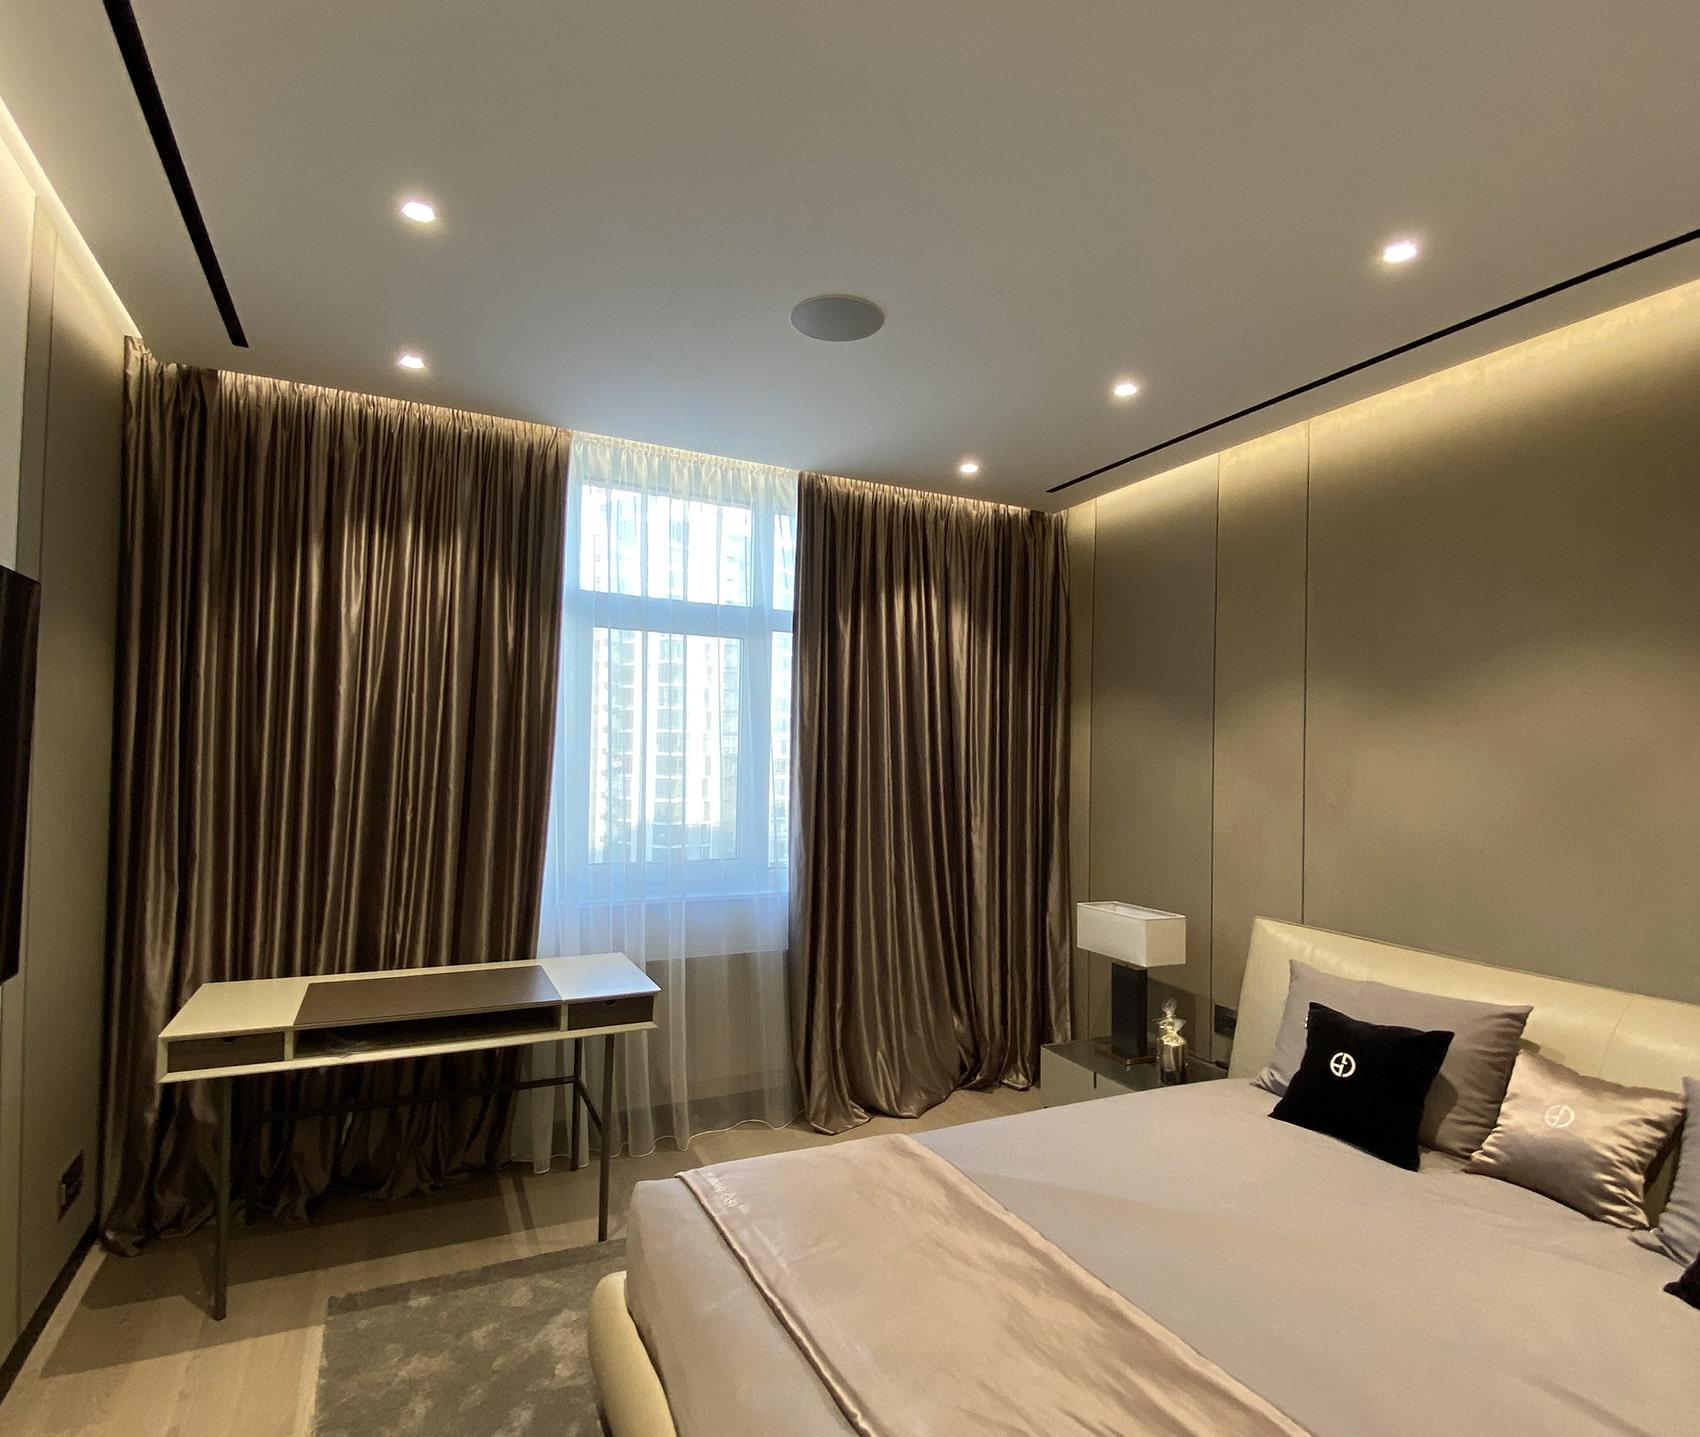 Системы кондиционирования и вентиляции в спальне